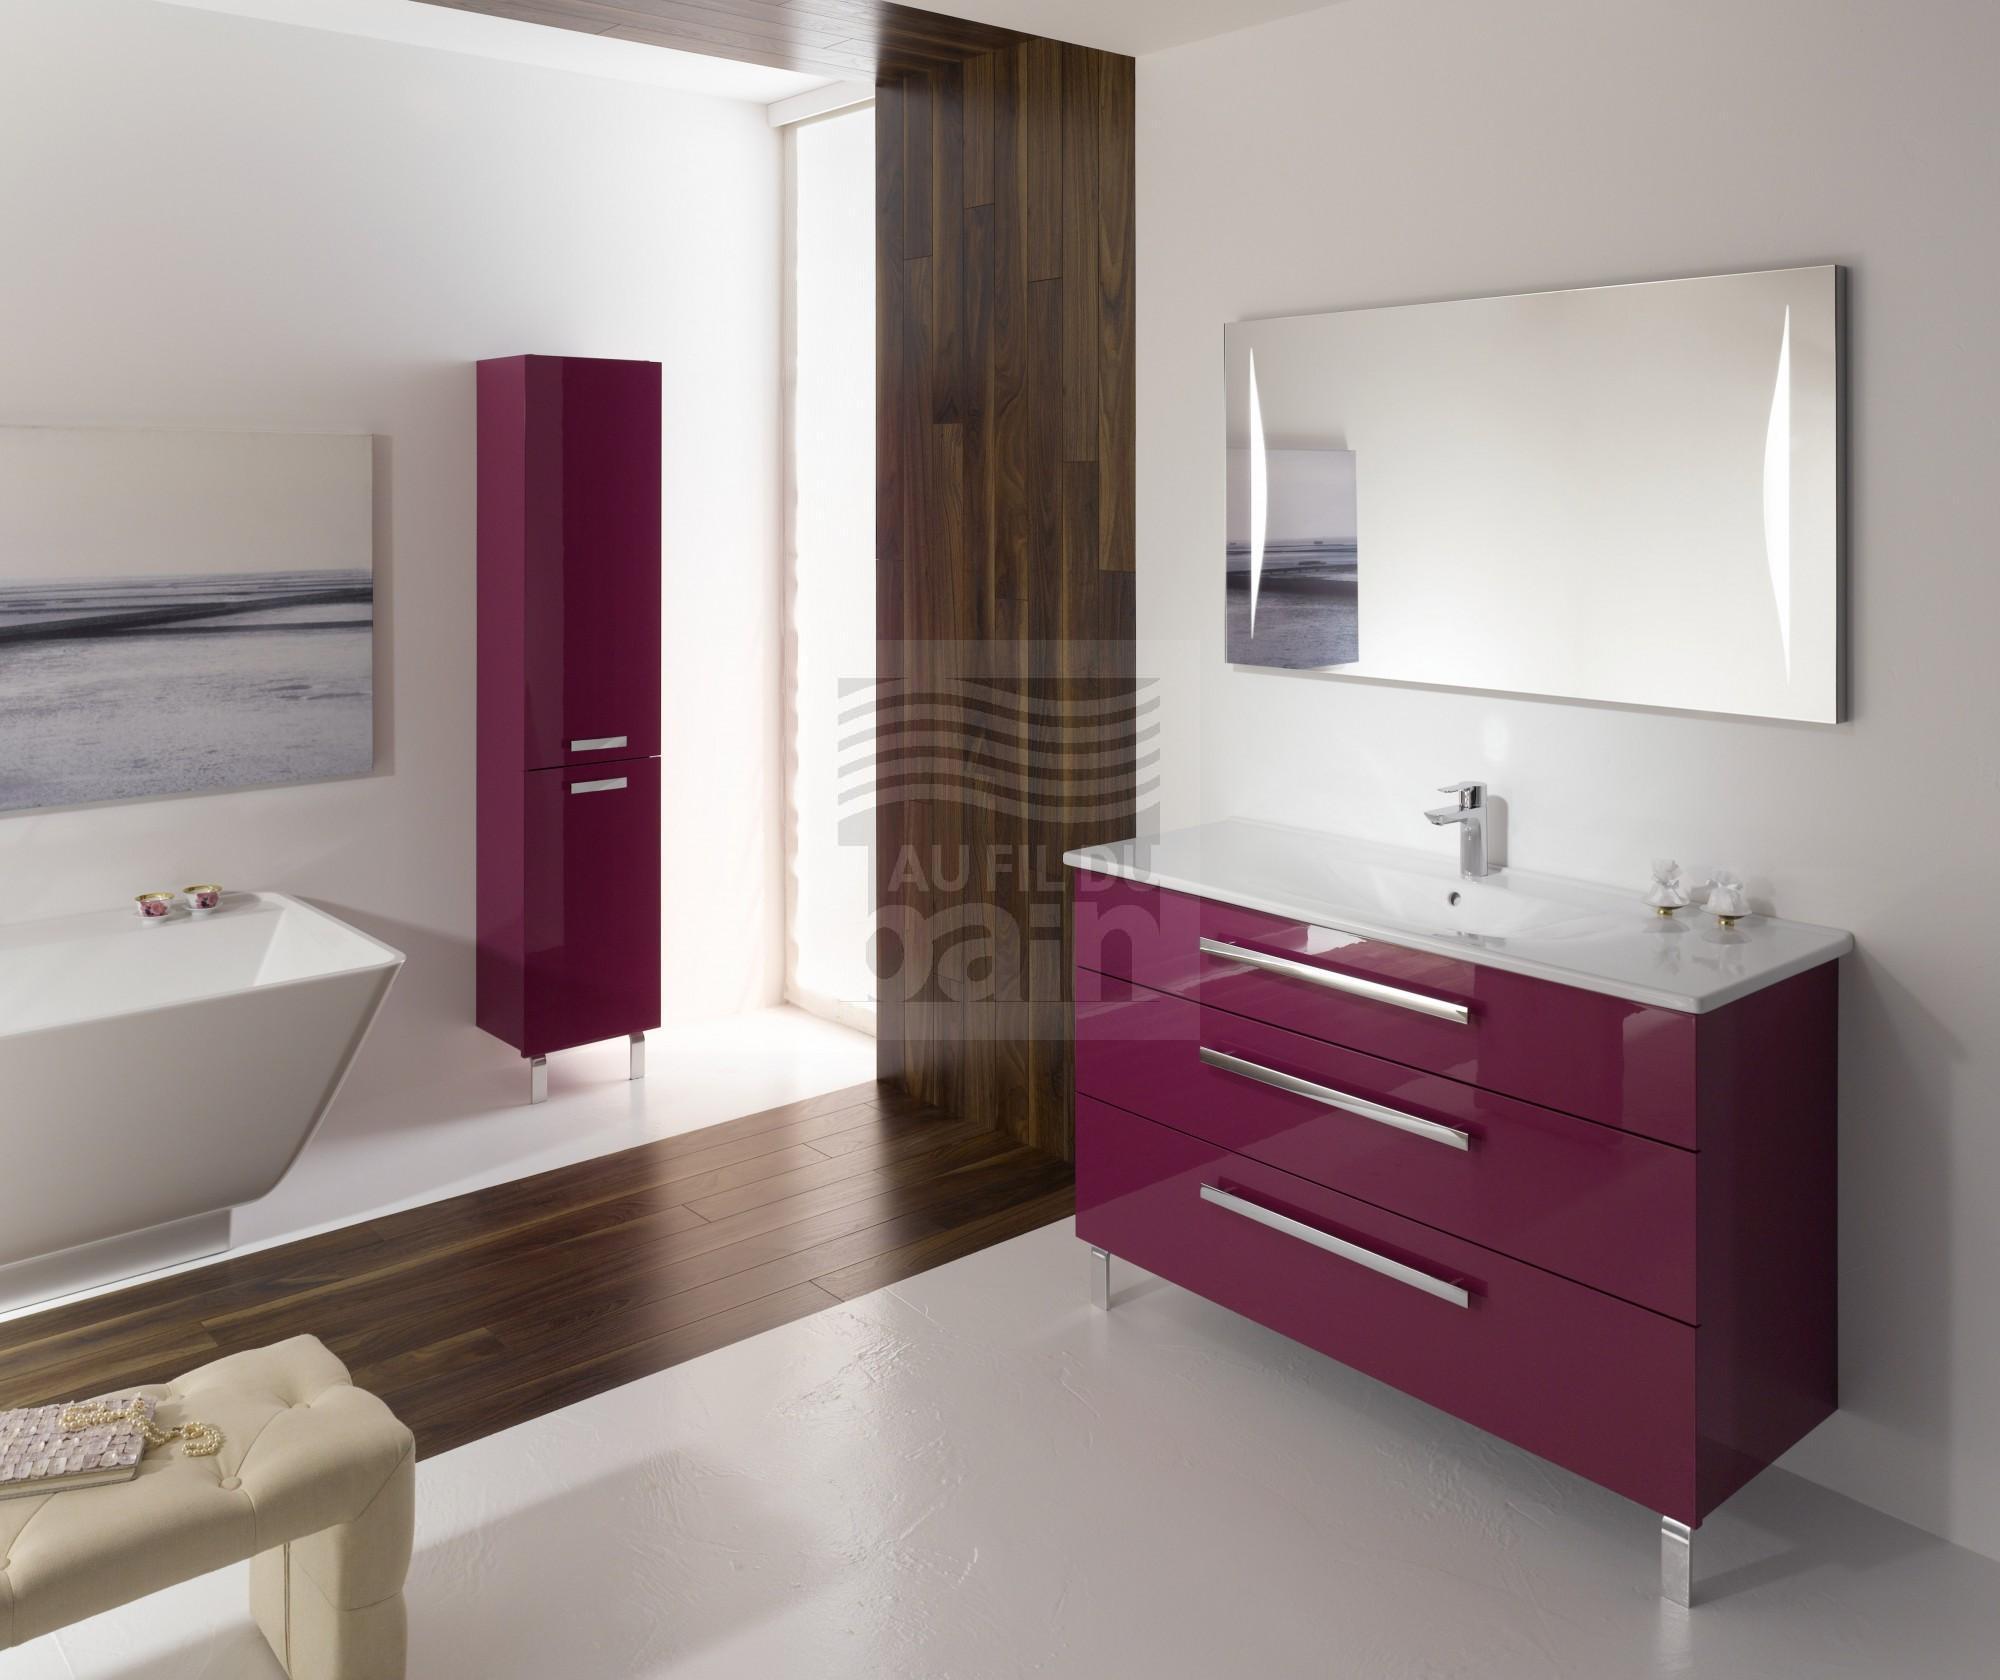 meubles de salle de bains sur pieds simple vasque ceramique burgbad magasin pour vente de